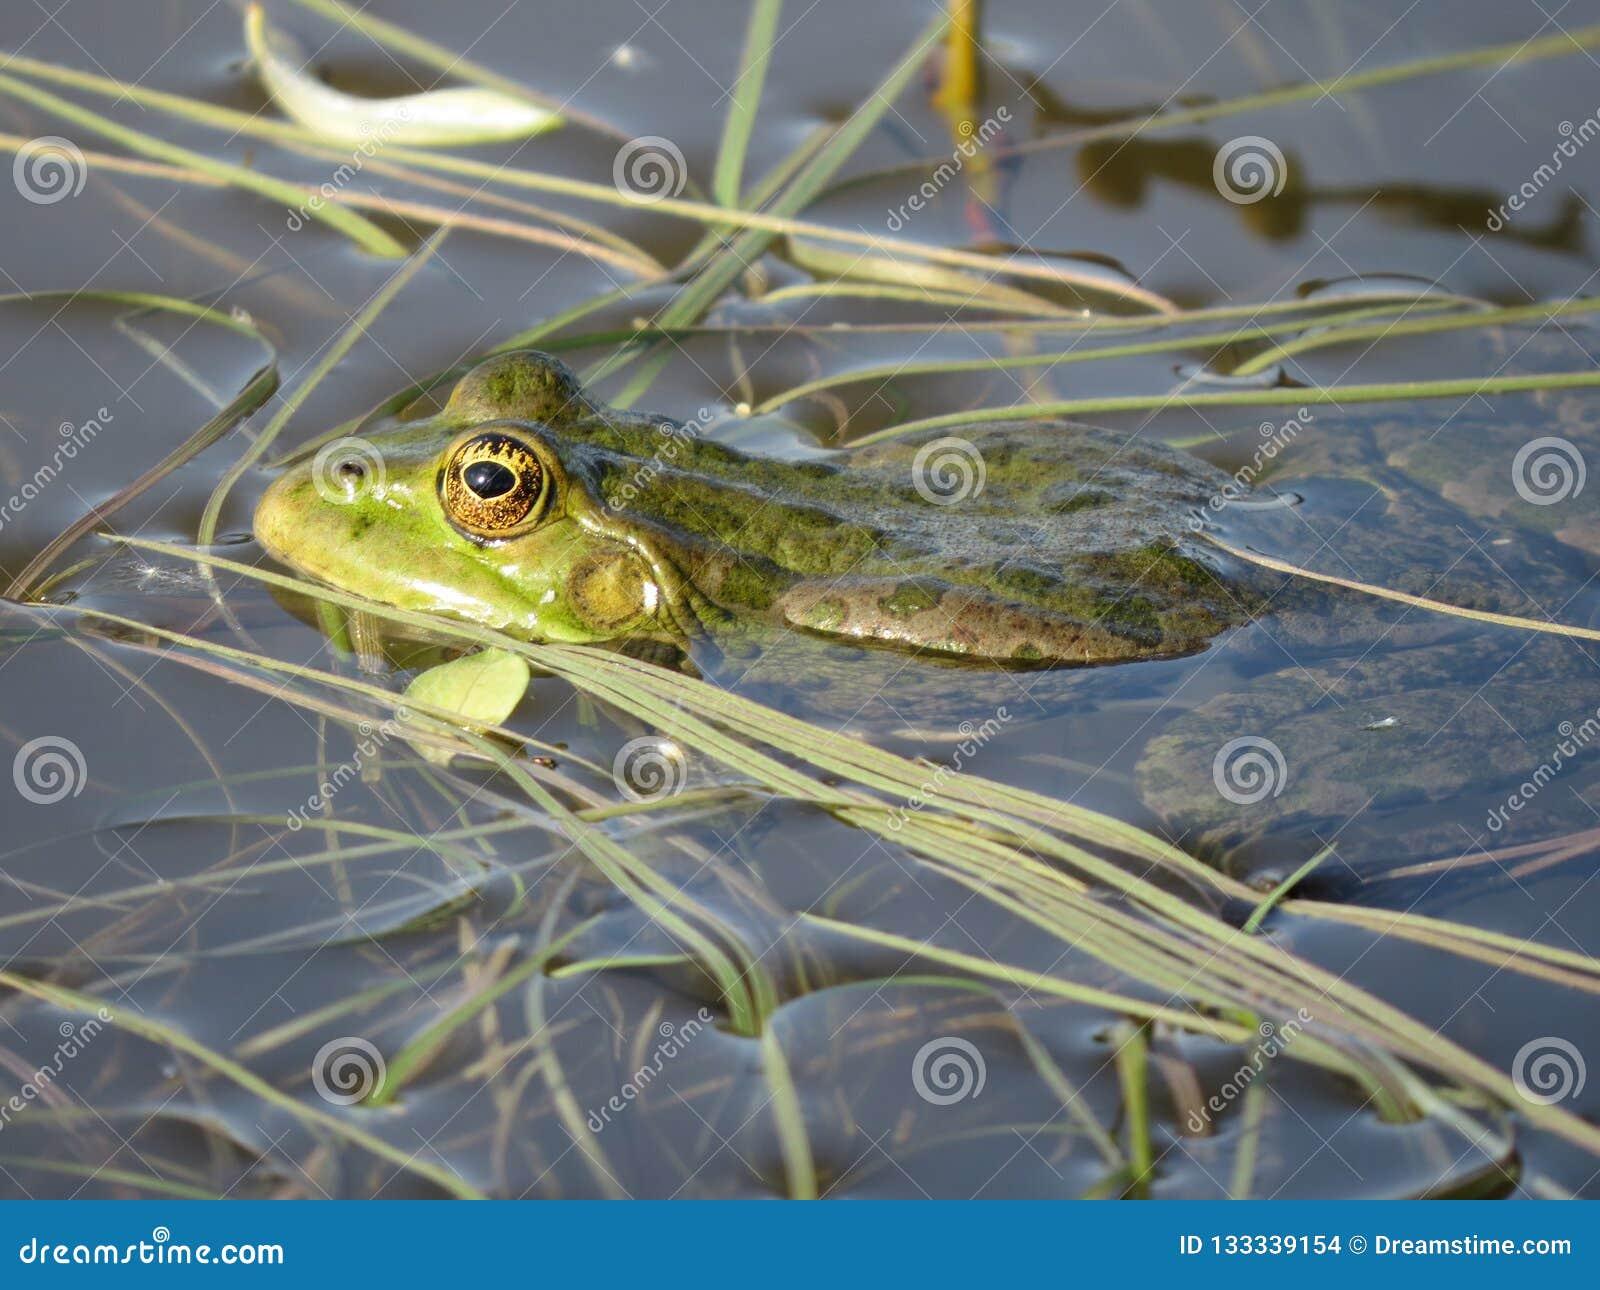 Rana verde sumergida parcialmente en agua, en el fondo de algas